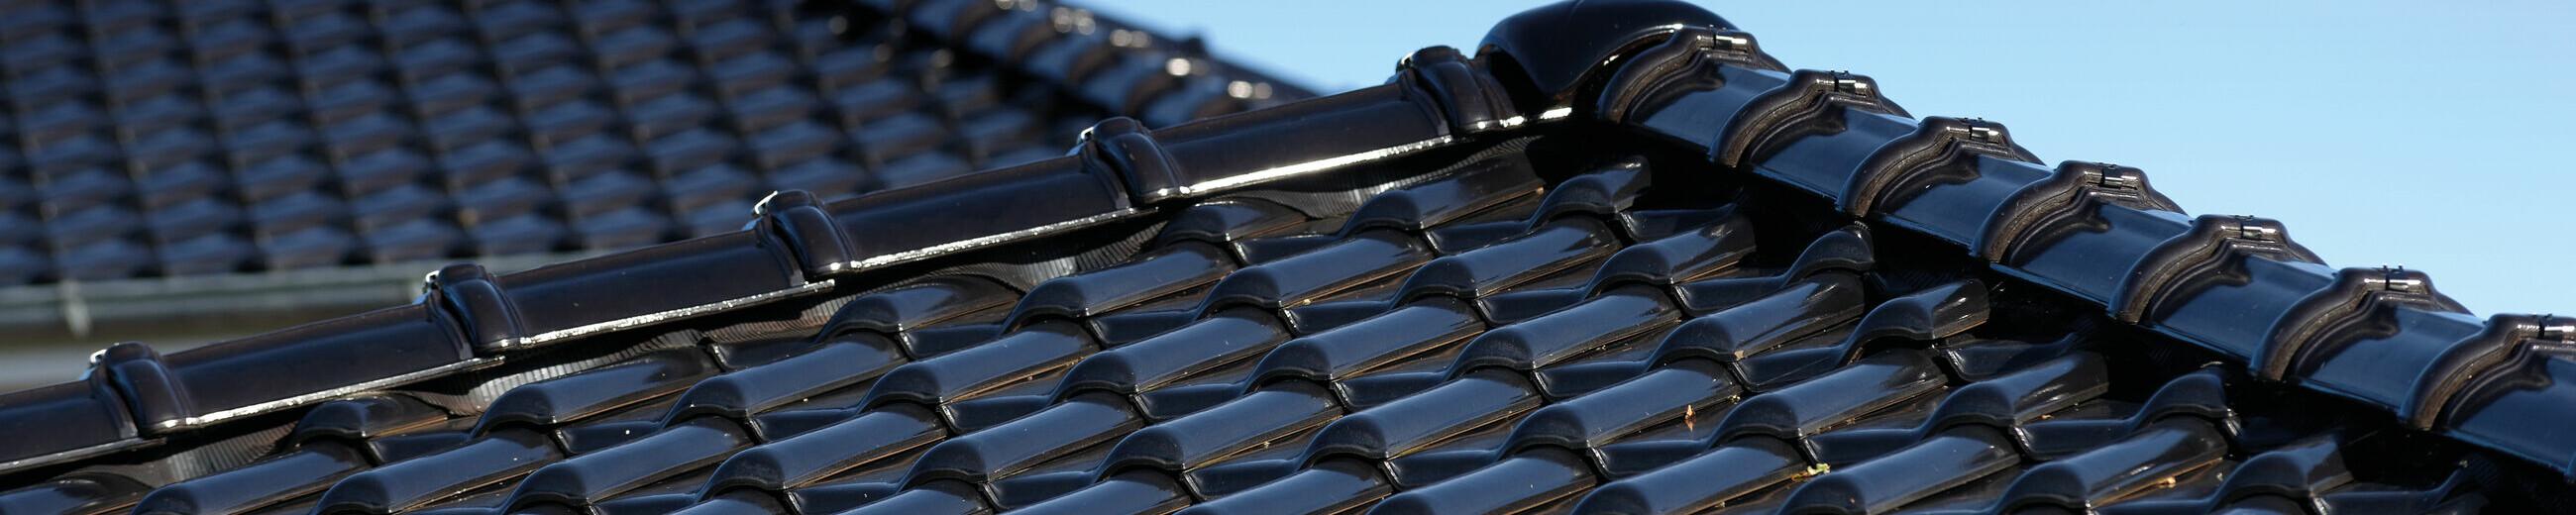 PREMION - Prémiová střešní taška obarvená ve hmotě.